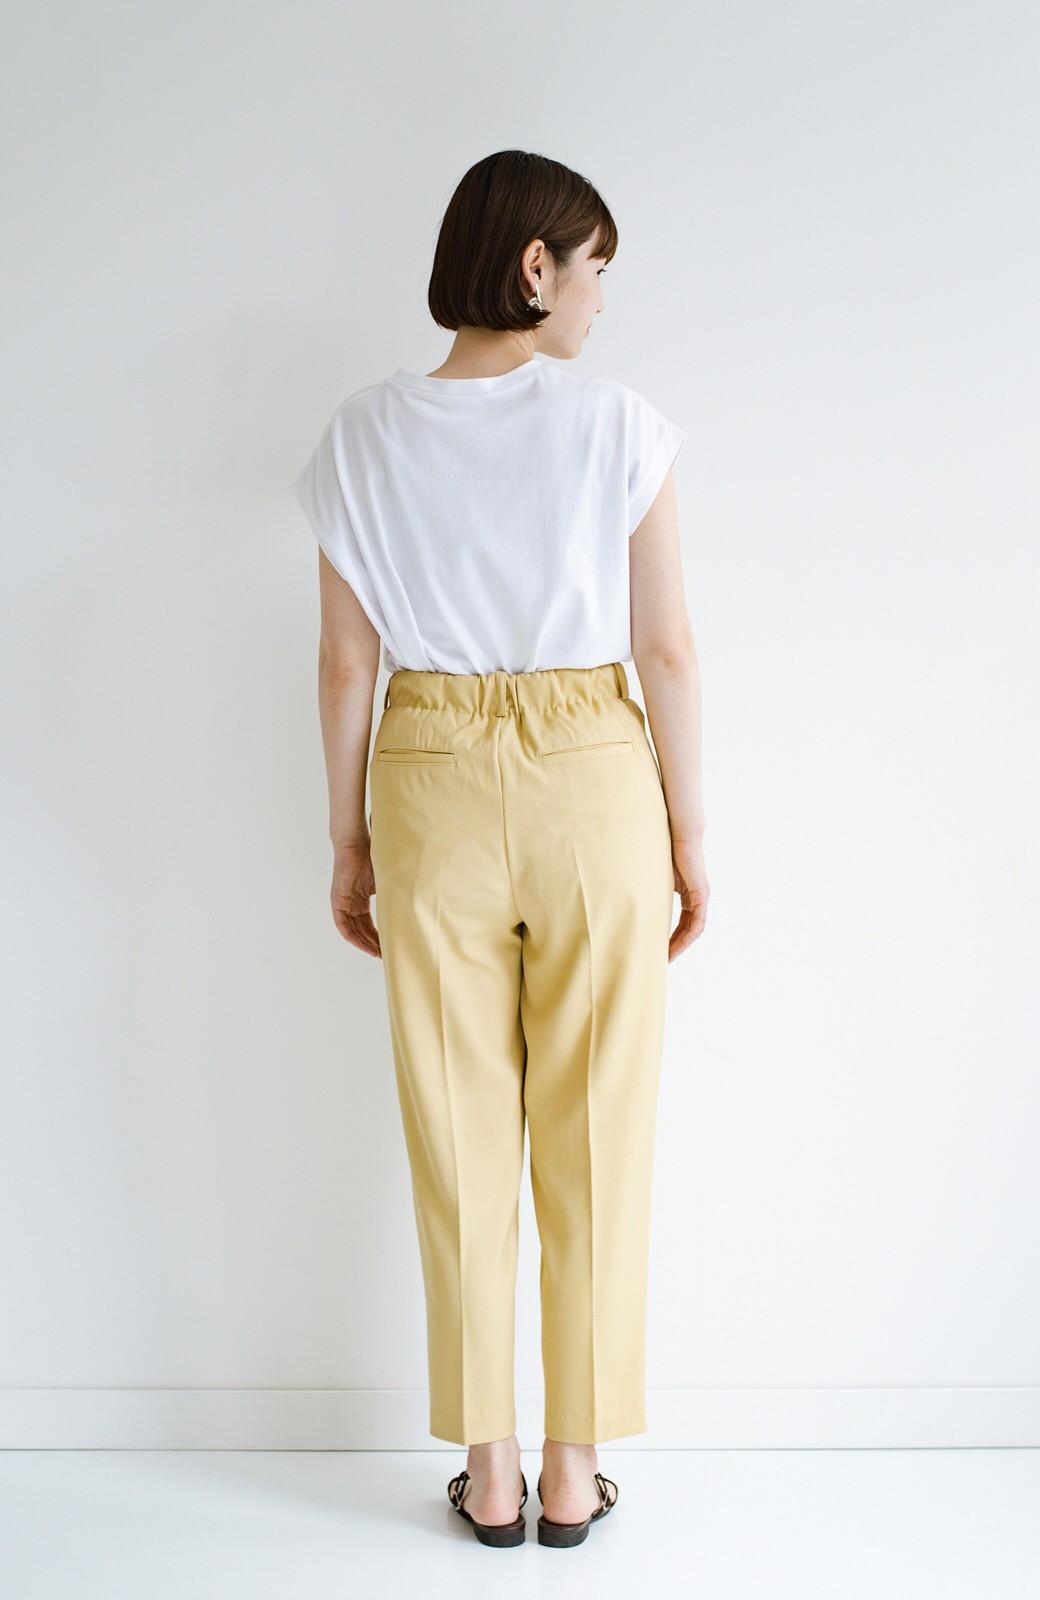 haco! 迷った朝はこれ着よう!元気が出るきれい色パンツにちょい袖大人Tシャツを合わせておいた作り置きコーデセット by que made me <その他>の商品写真7